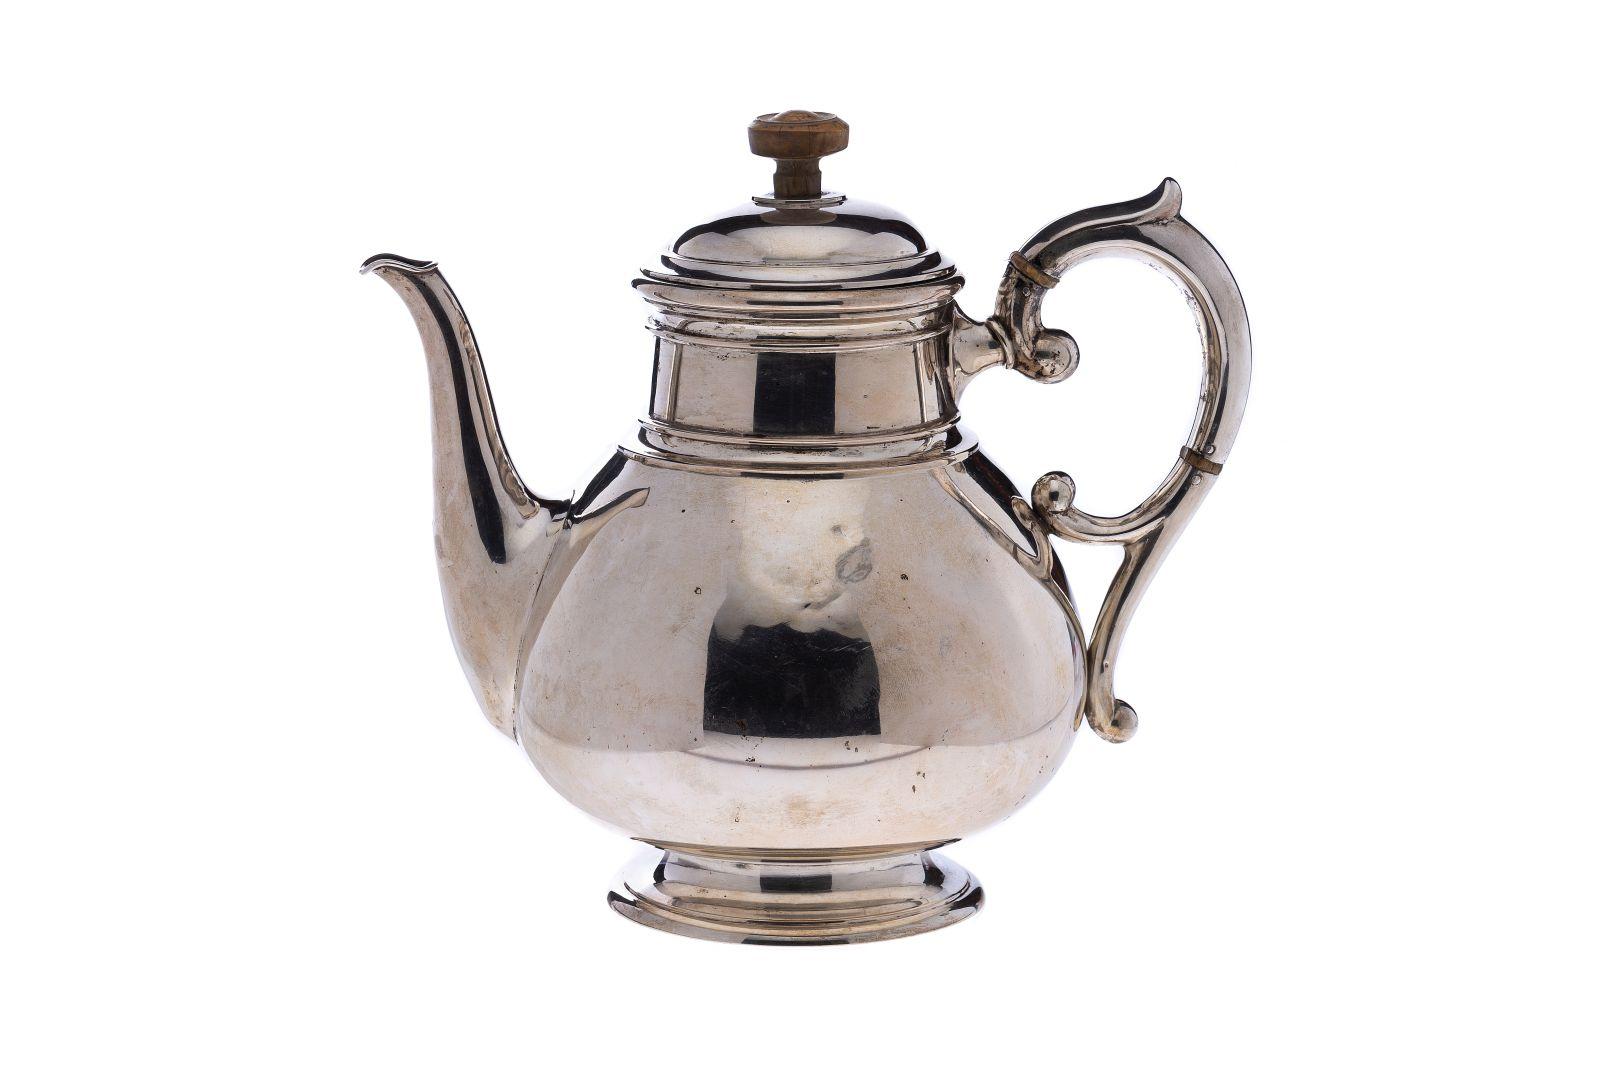 #66 Teapot with wooden handle | Teekanne mit Holzhenkel Image